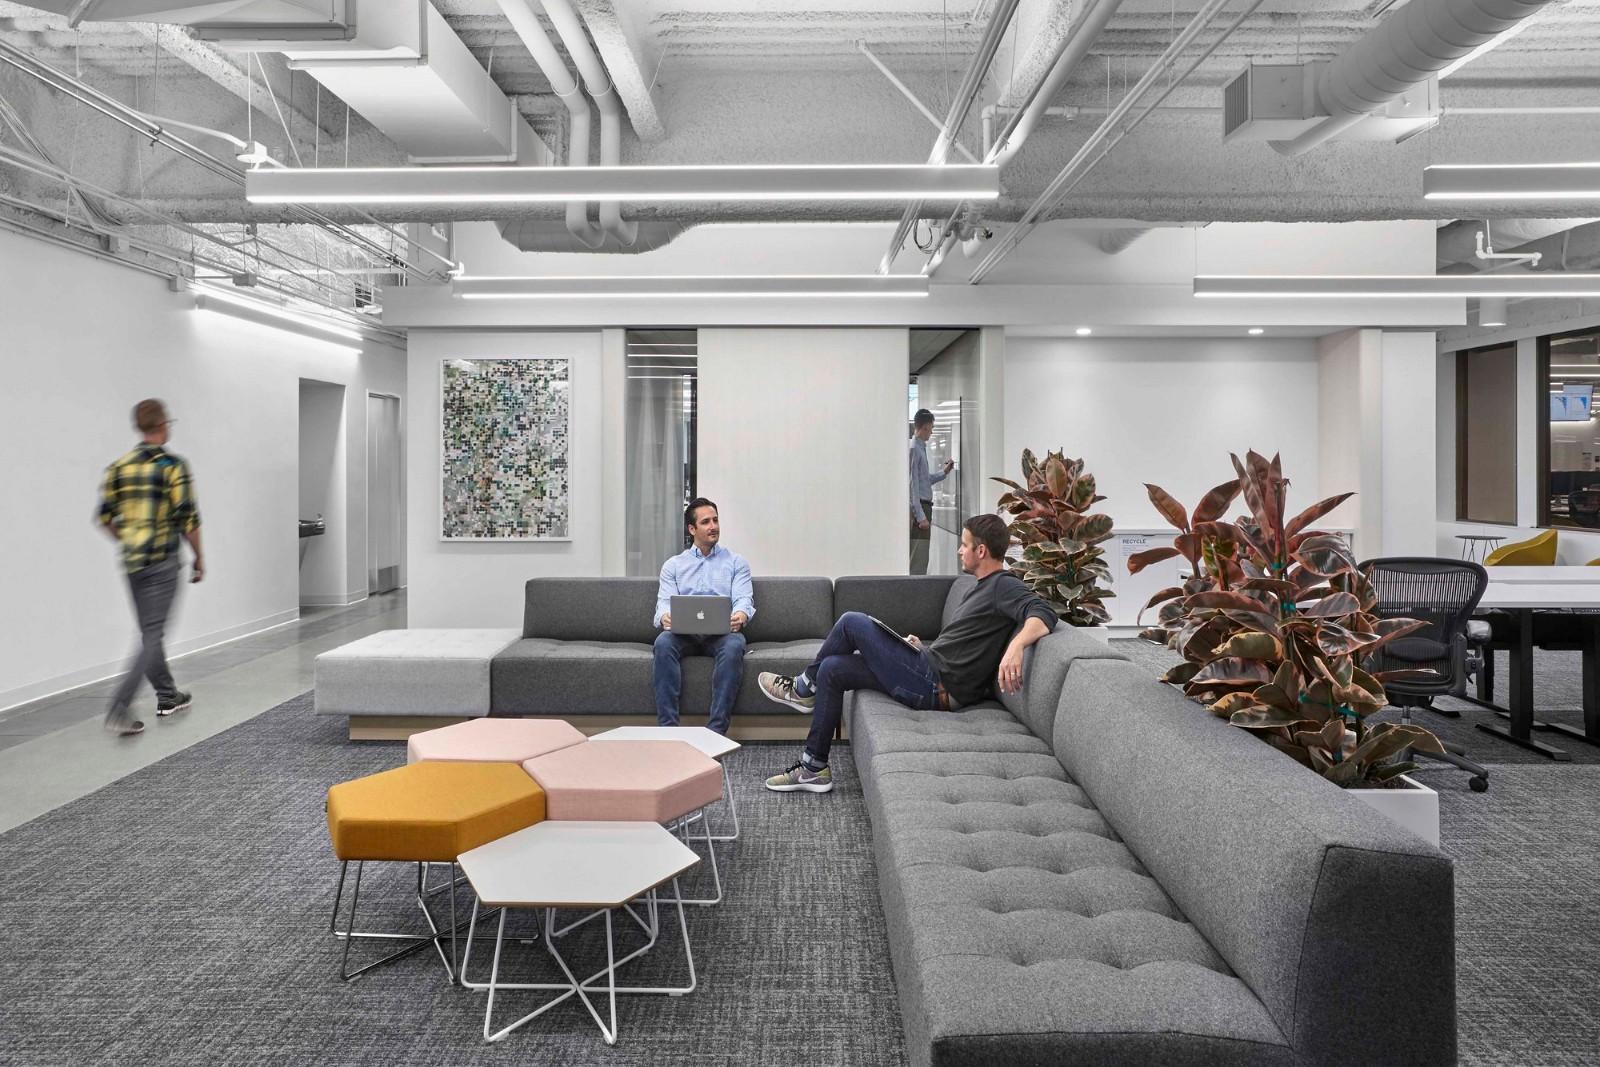 开放与优雅,旧金山Mapbox办公空间 | Revel Architecture & Design插图14